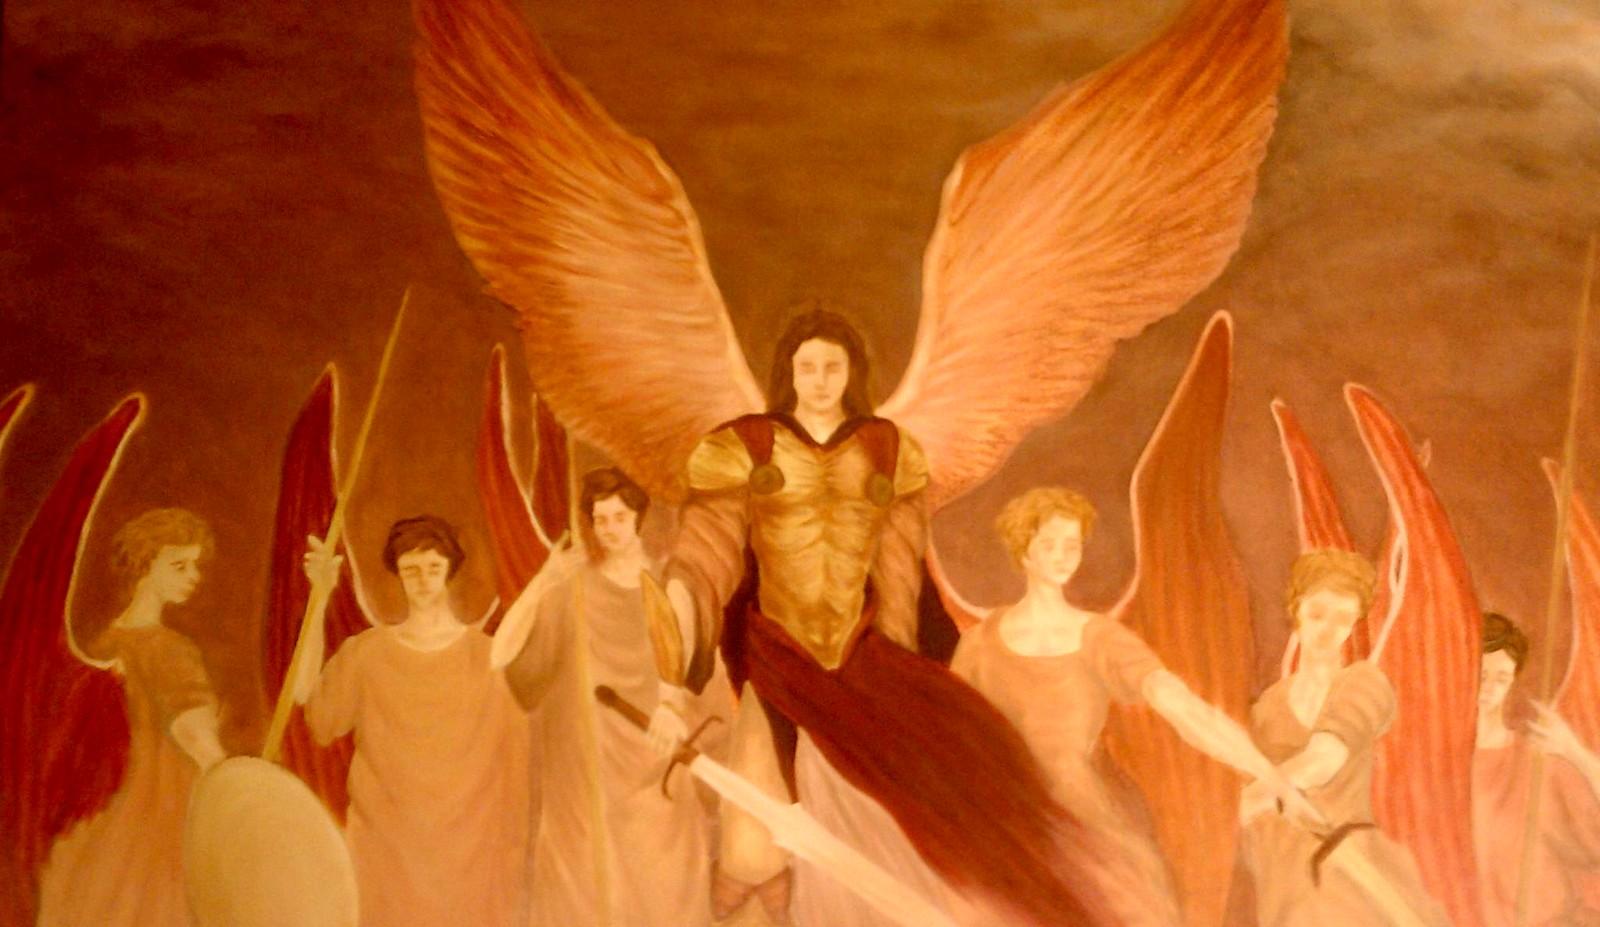 siete arcangeles fondo